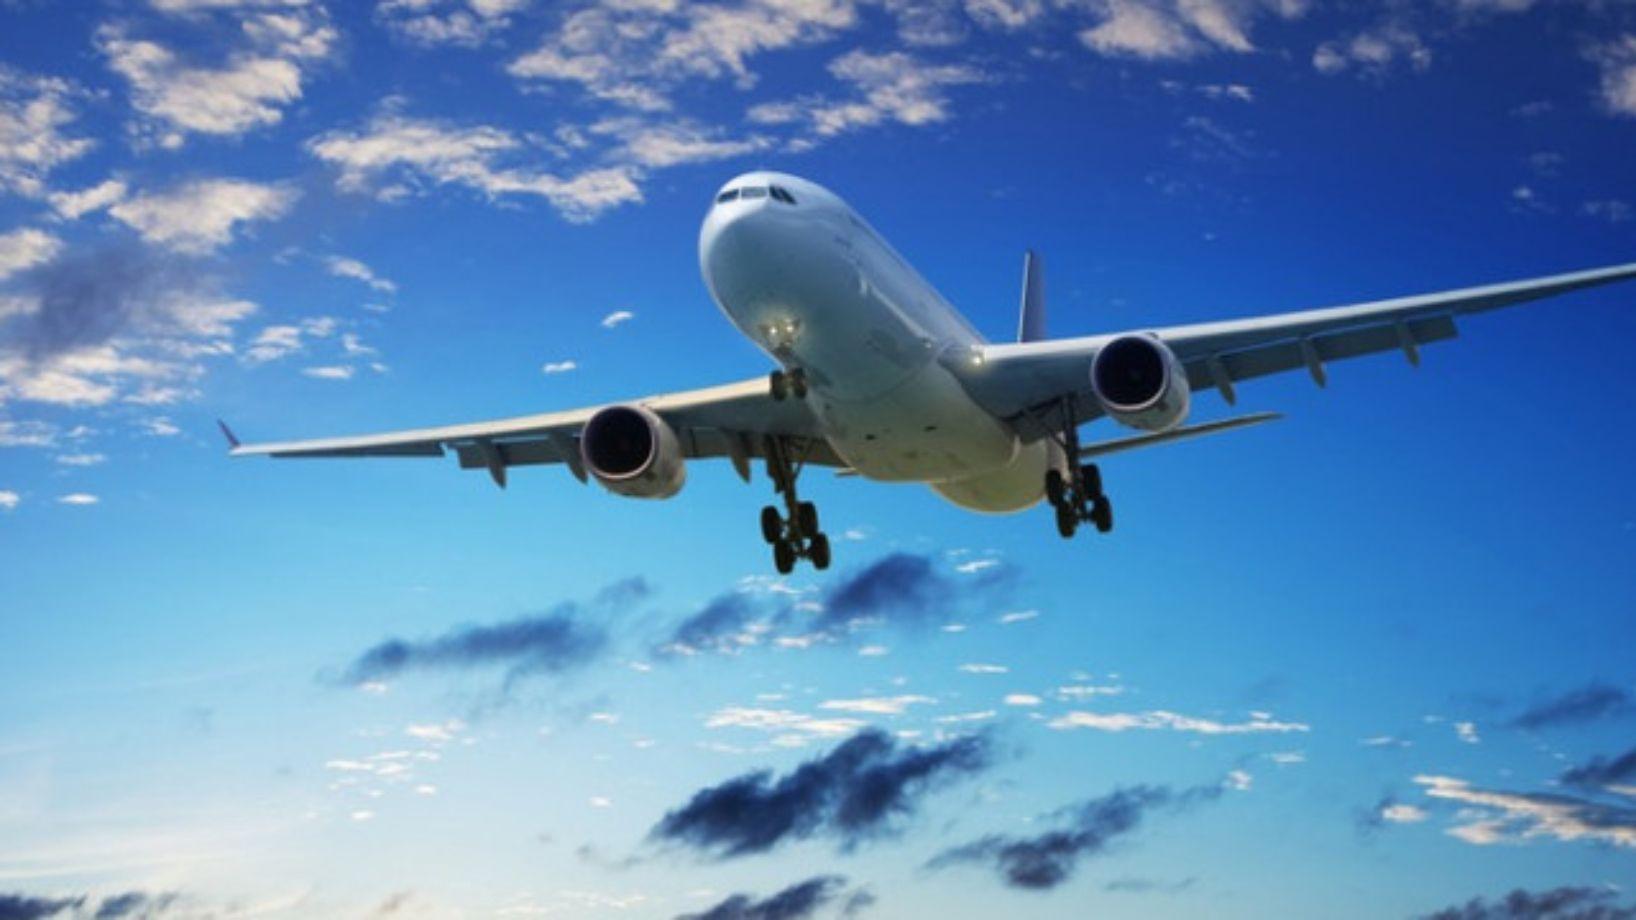 Guvernul sporește măsurile de gestionare a situațiilor de urgență în domeniul aeronautic